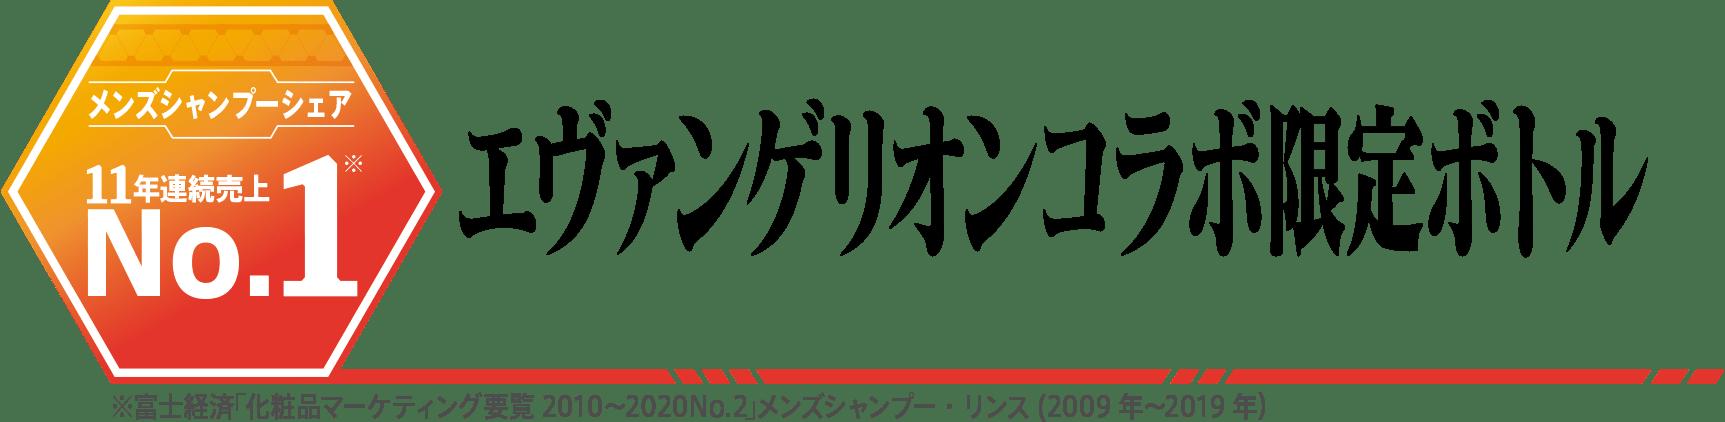 メンズシャンプーシェア11年連続売上No.1 エヴァンゲリオンコラボ限定ボトル ※富士経済「化粧品マーケティング要覧2010~2020No.2」メンズシャンプー・リンス(2009年~2019年)